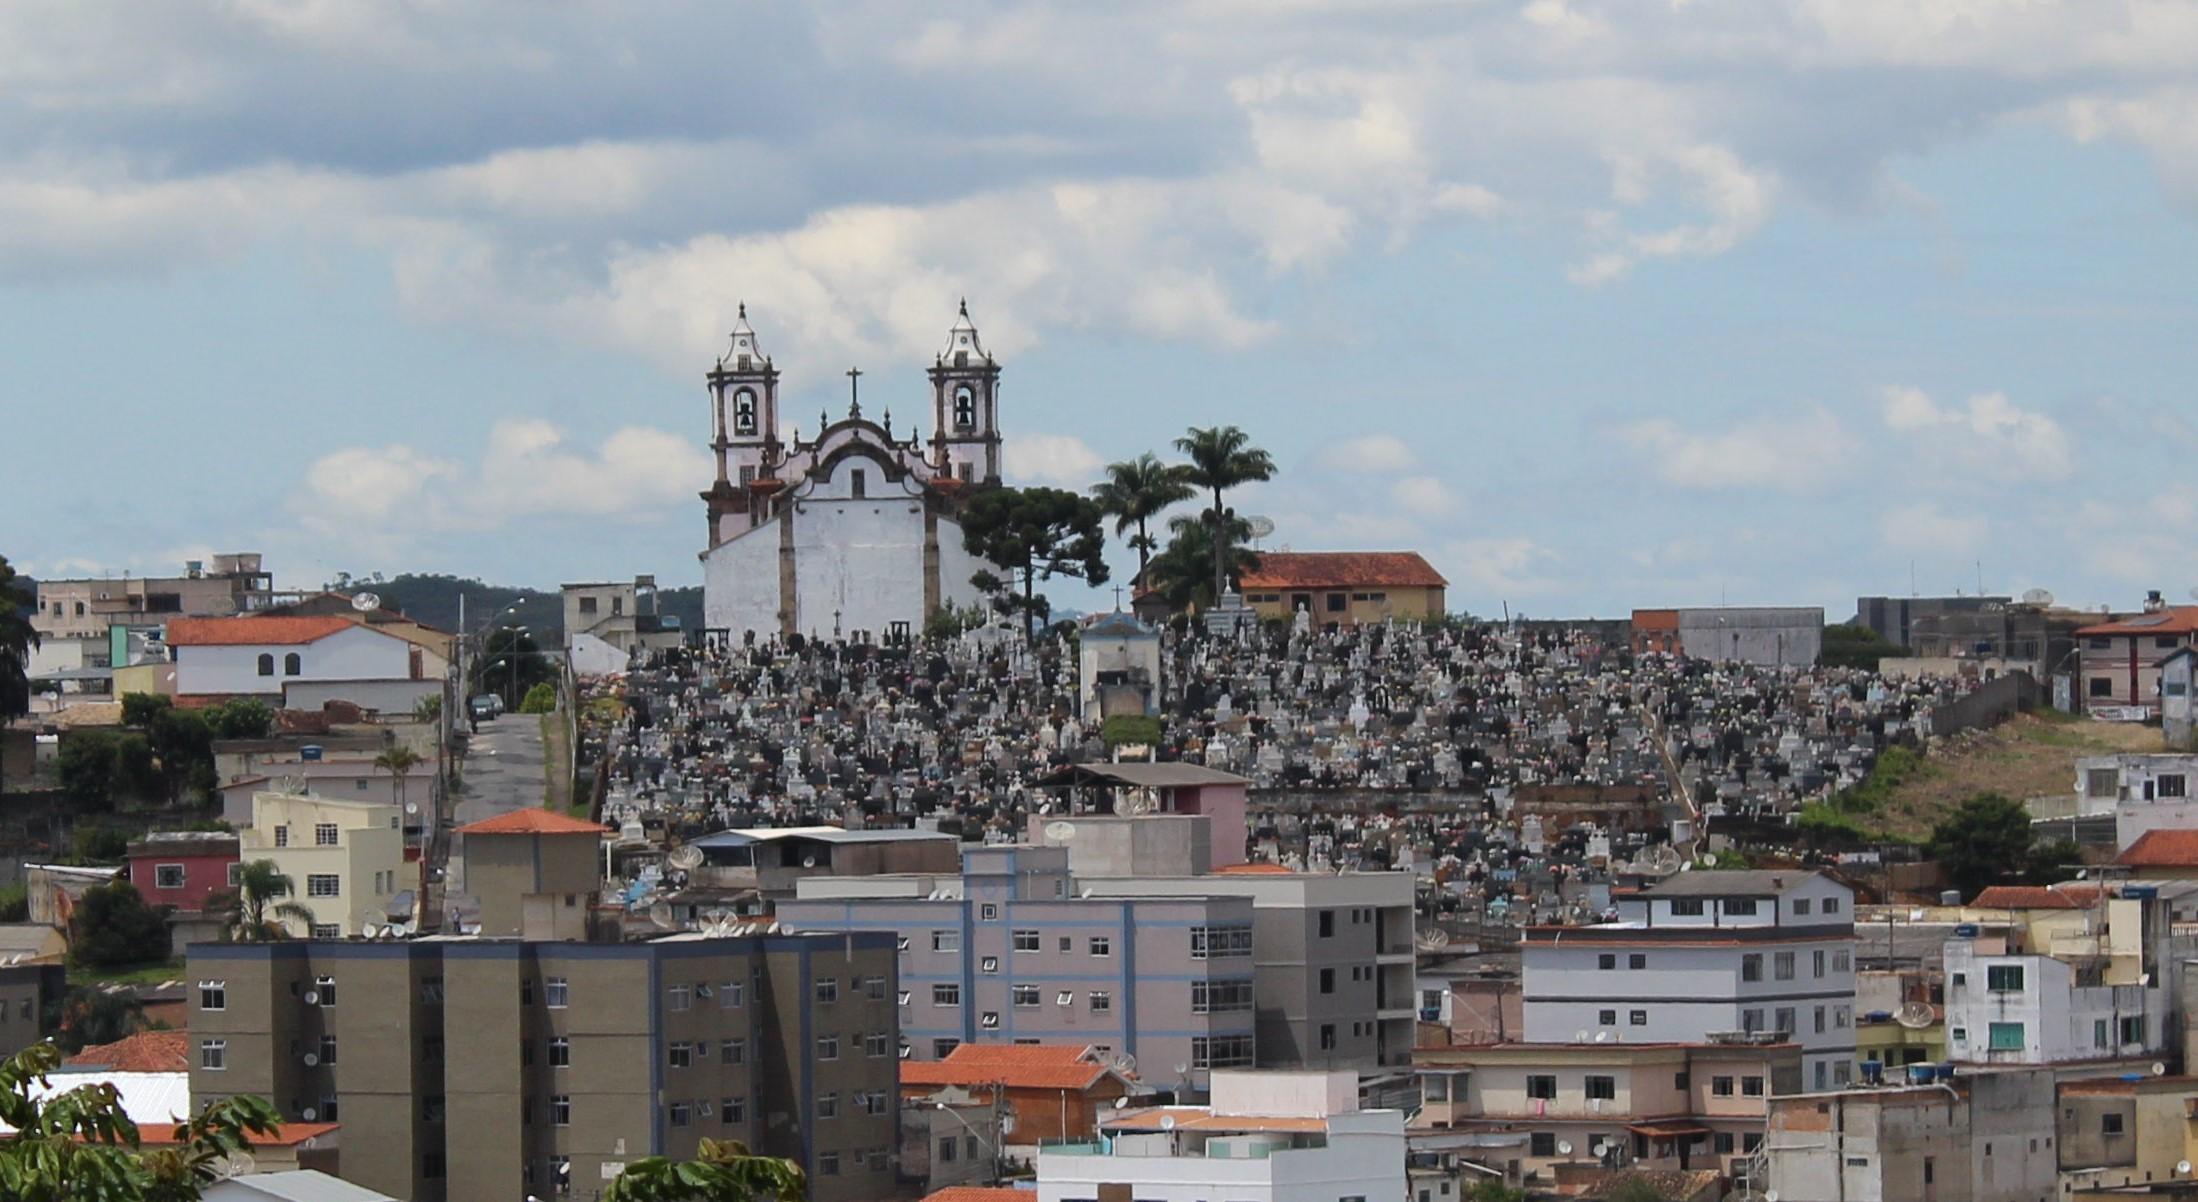 Cemitério Boa Morte Barbacena